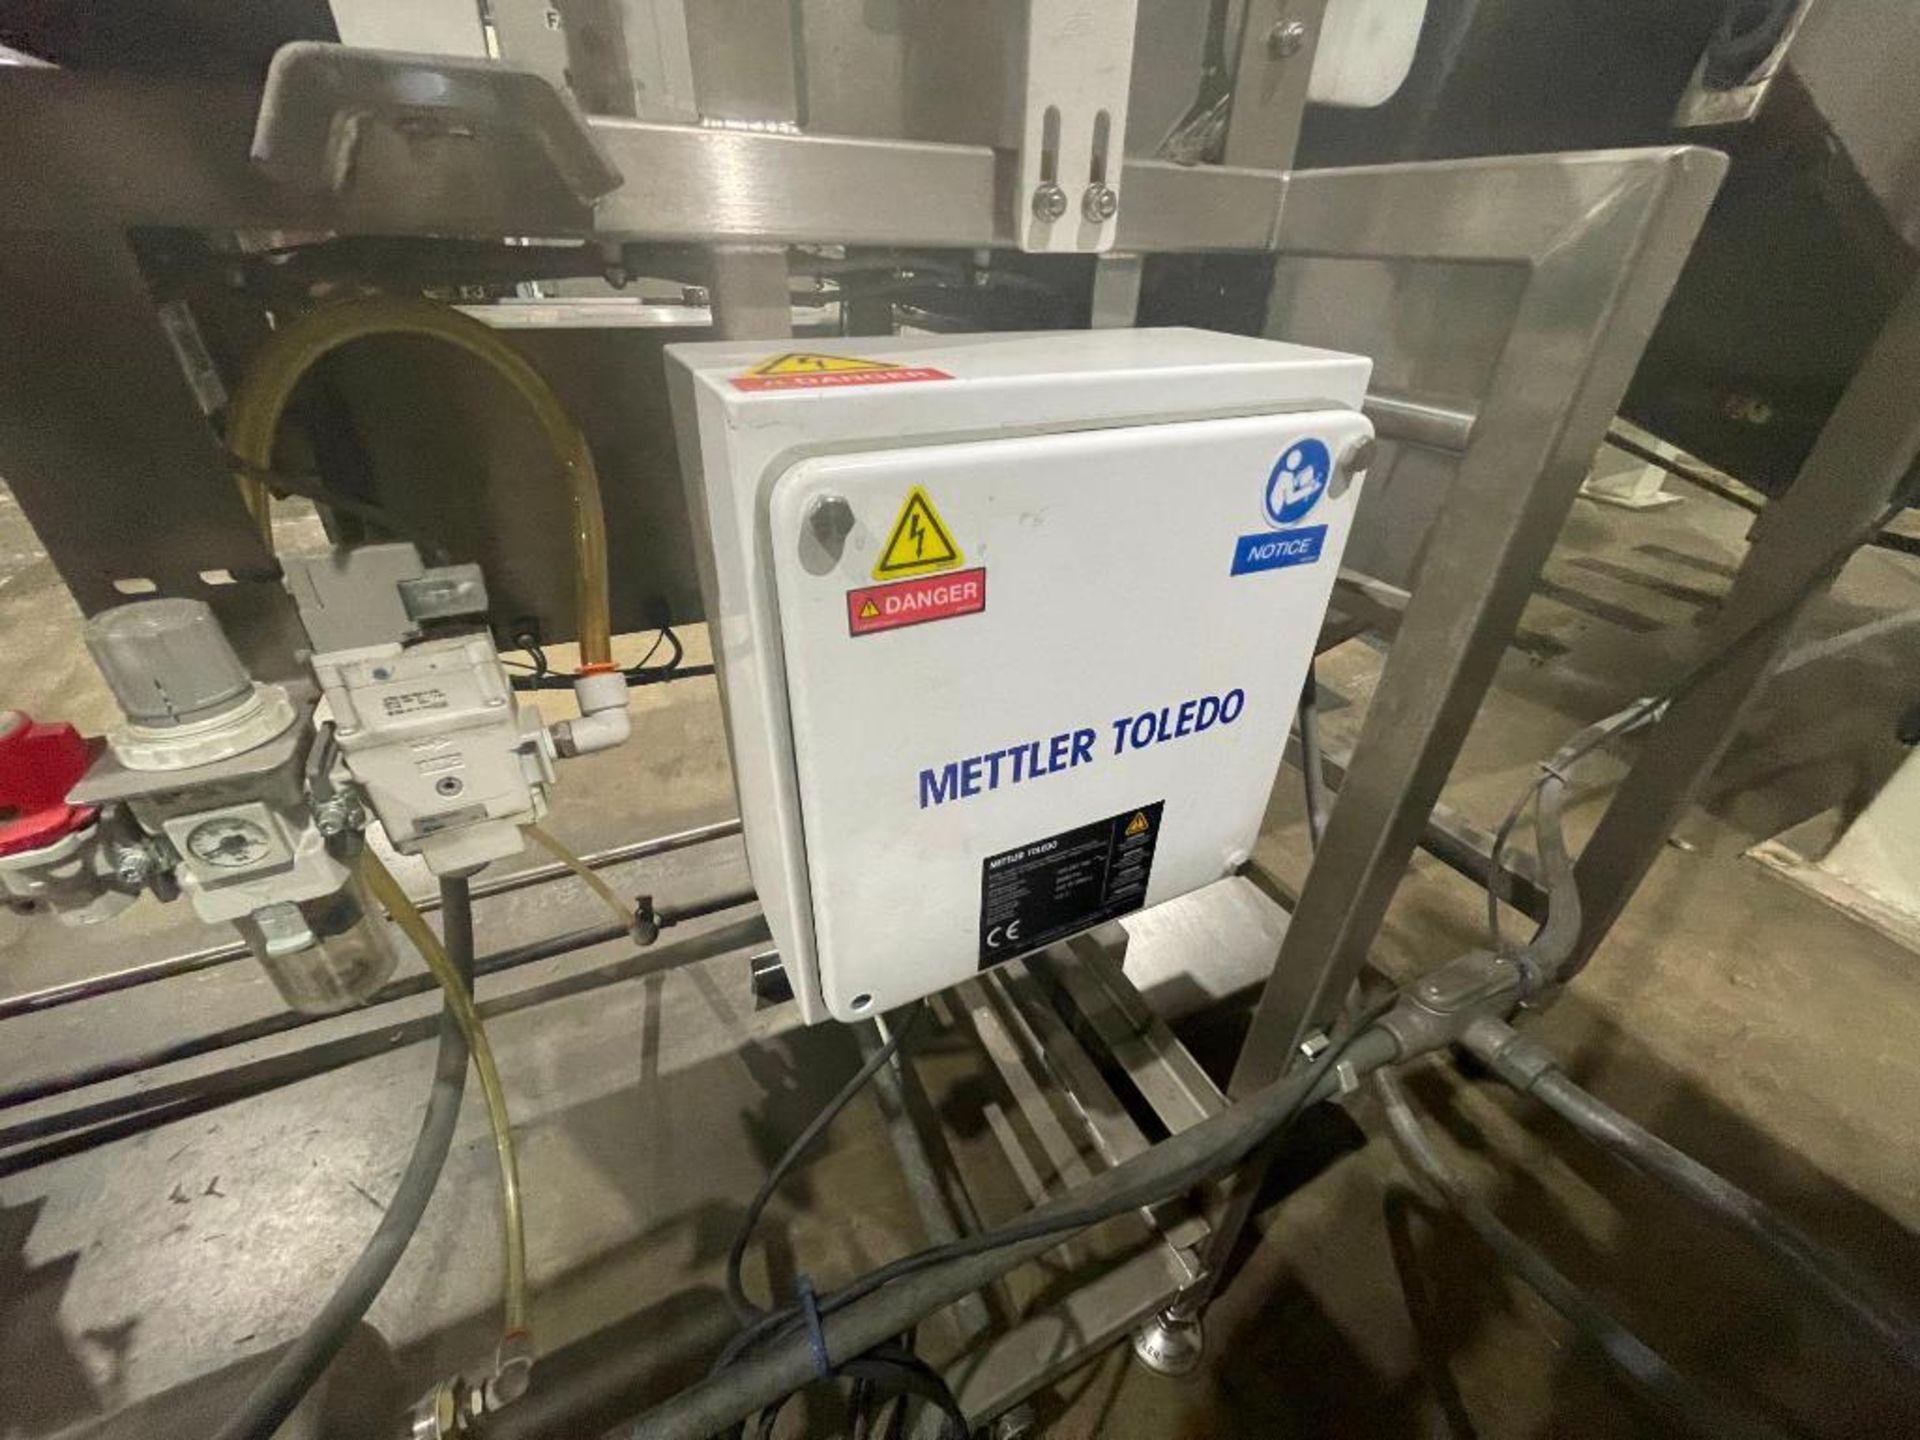 2016 Mettler Toledo metal detector, model SL1500 - Image 8 of 12